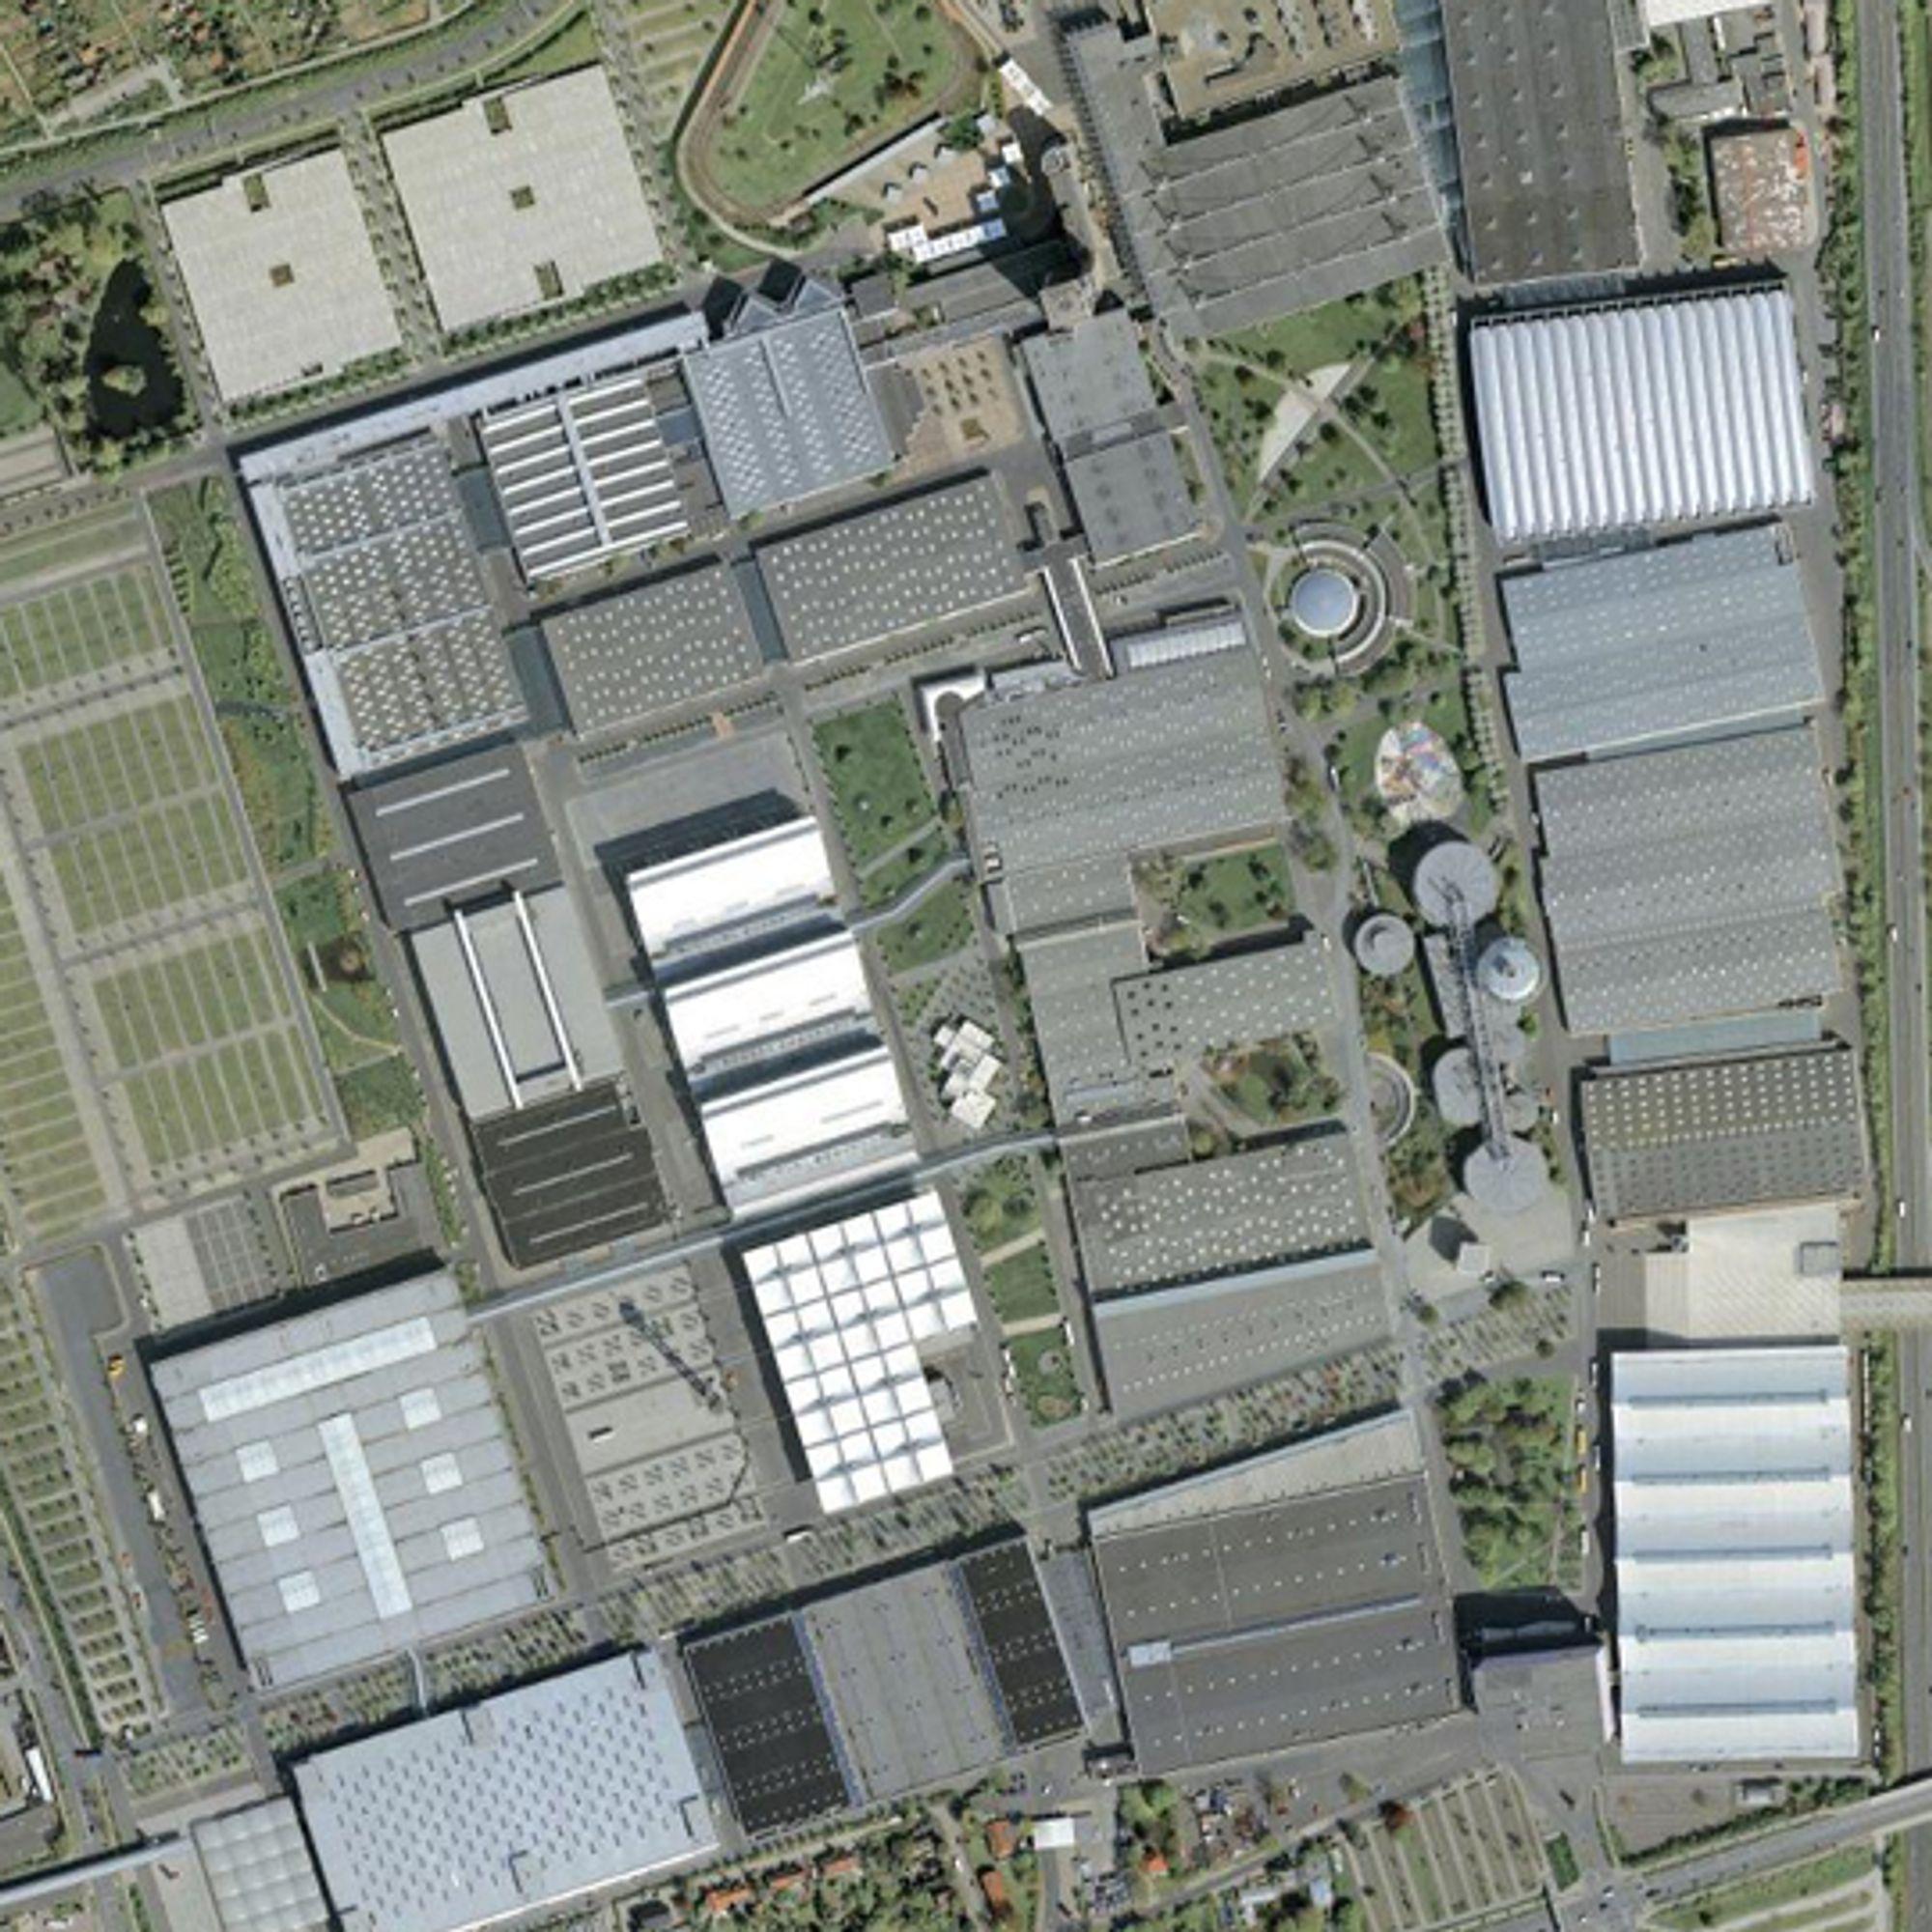 Messeområdet, bilde: Google Maps